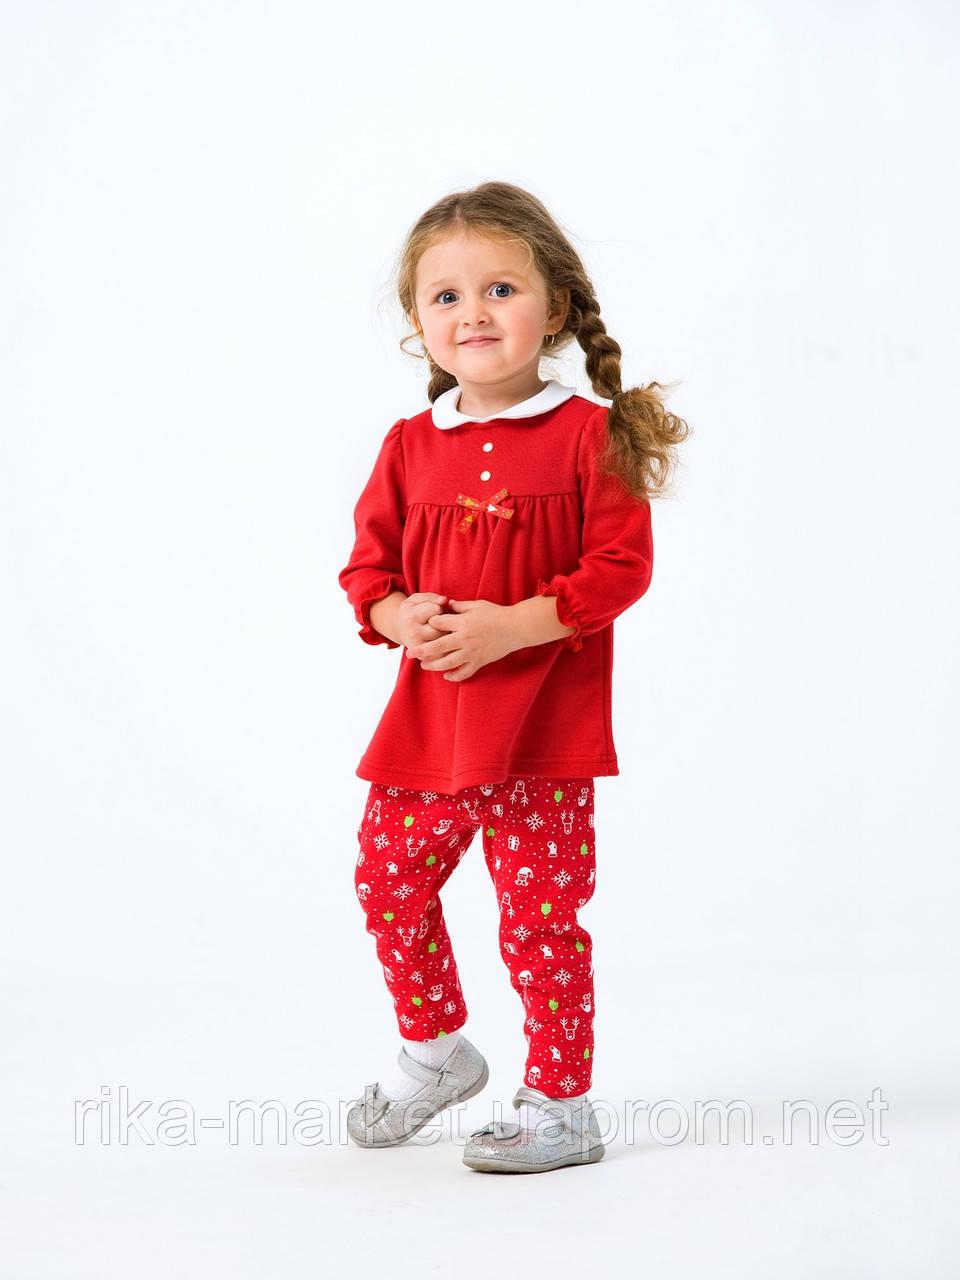 Комплект платье и лосины для девочки Smil в коробке, 109976, от 6 до 18 месяцев